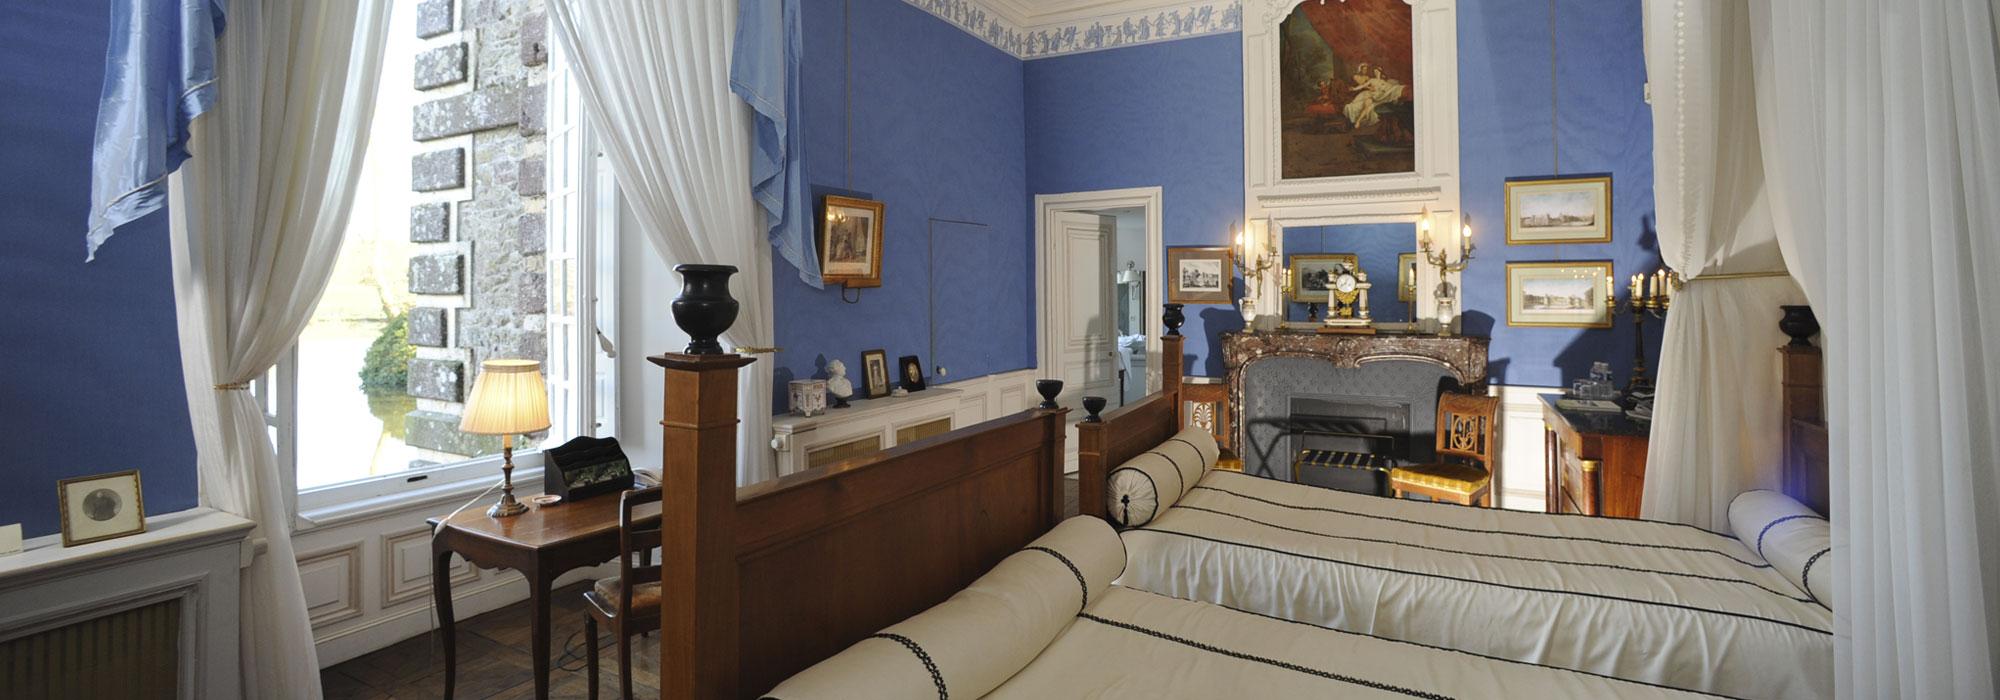 Suite Polignac - Chateau de Canisy